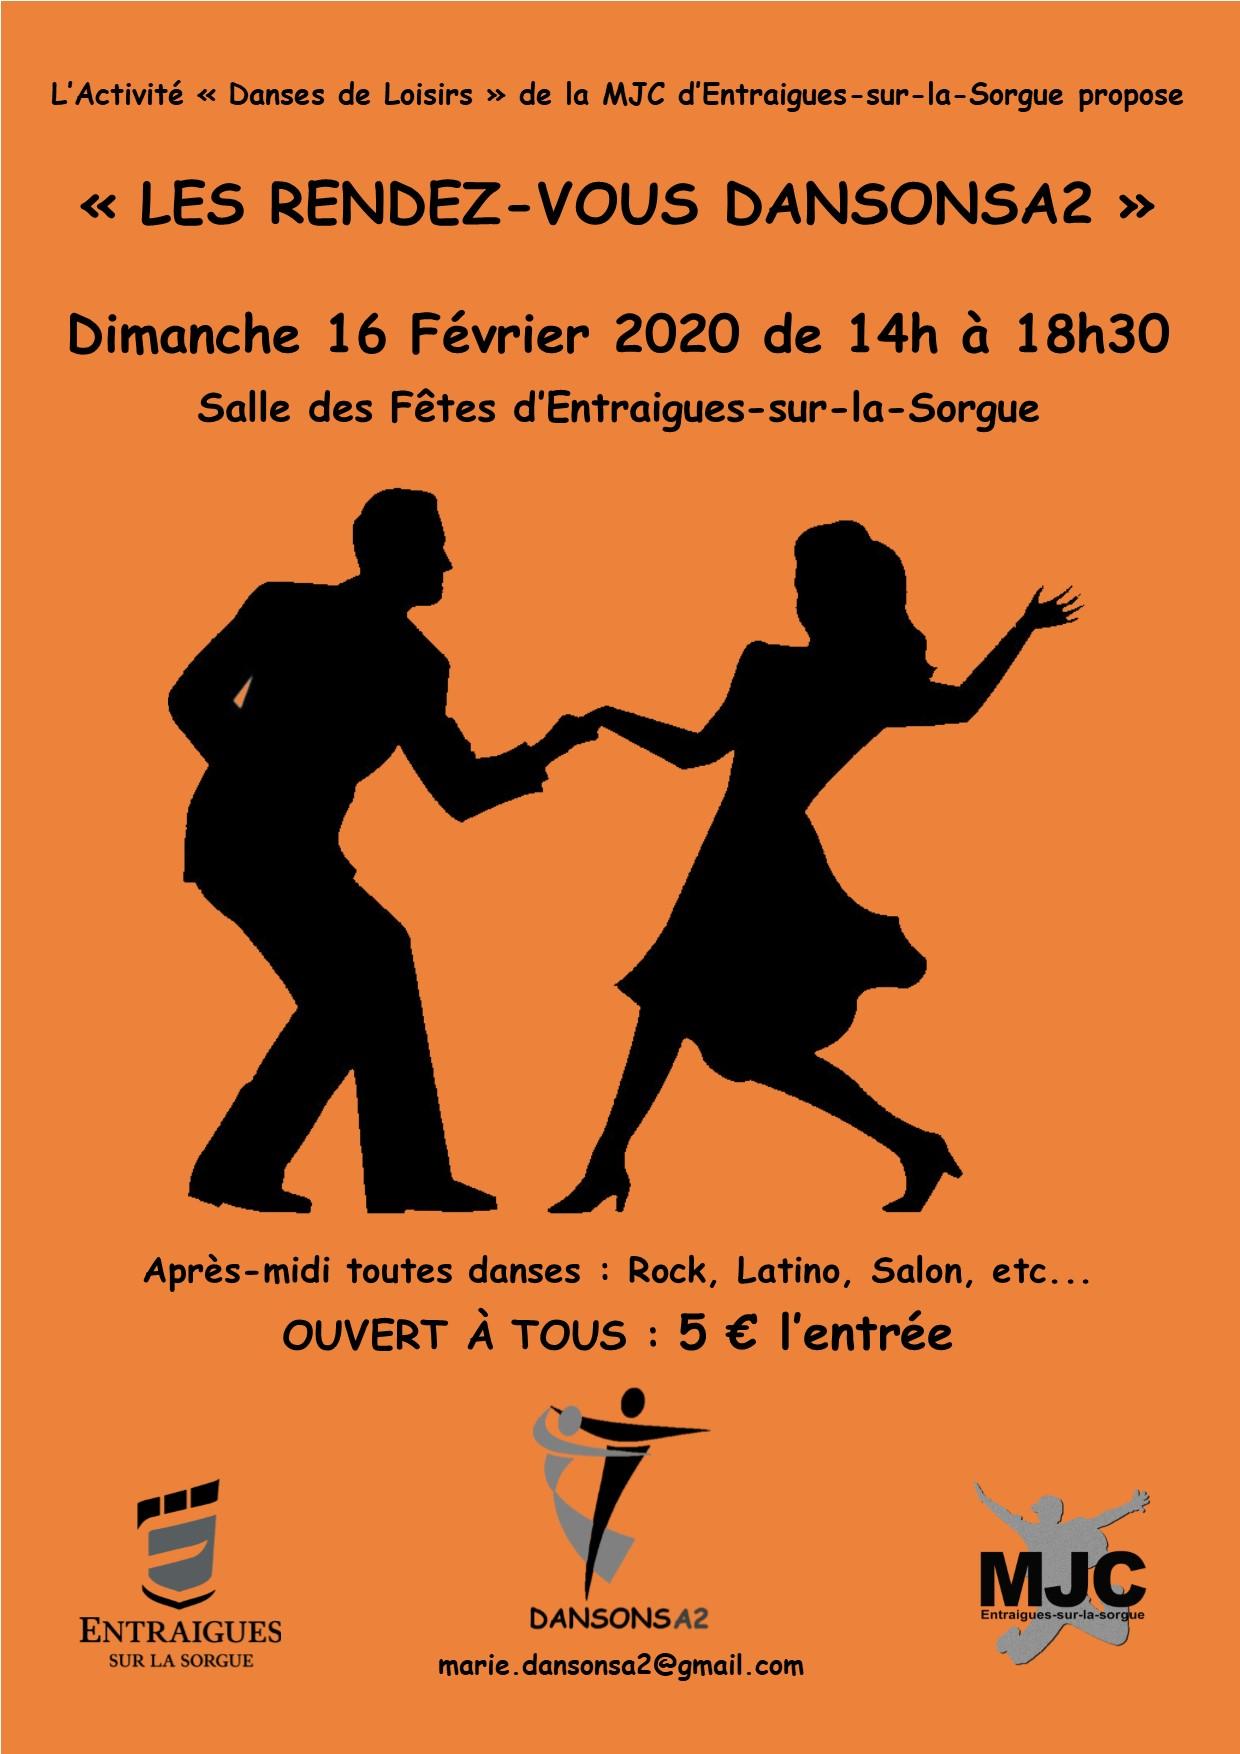 Affiche pour l'après midi dansons à 2